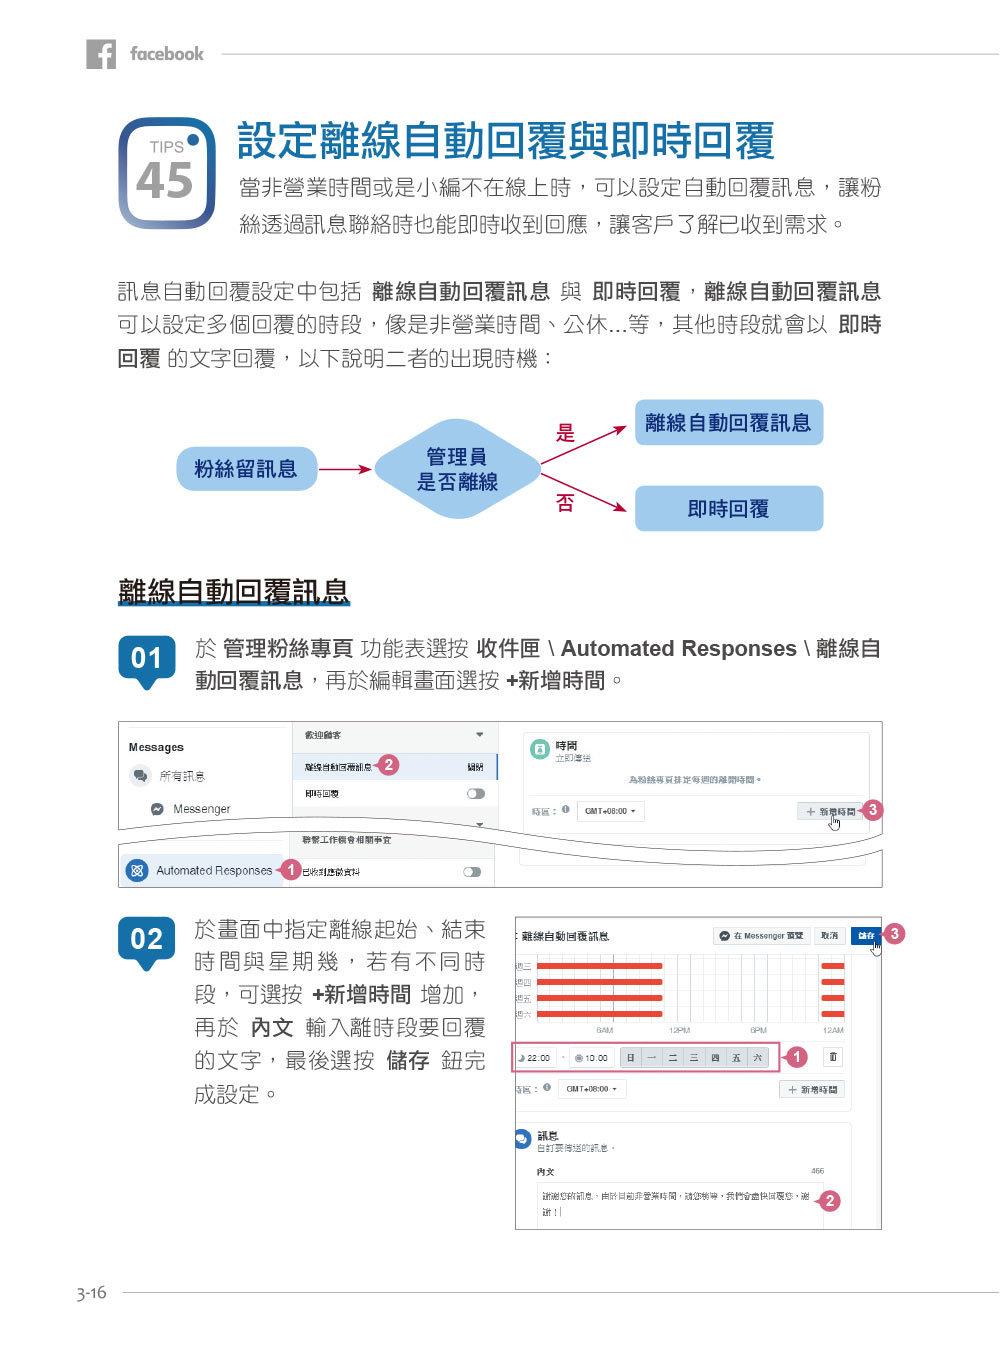 超人氣 FB + IG + LINE 社群經營與行銷力:用 225招快速聚粉,飆升流量變業績!-preview-5